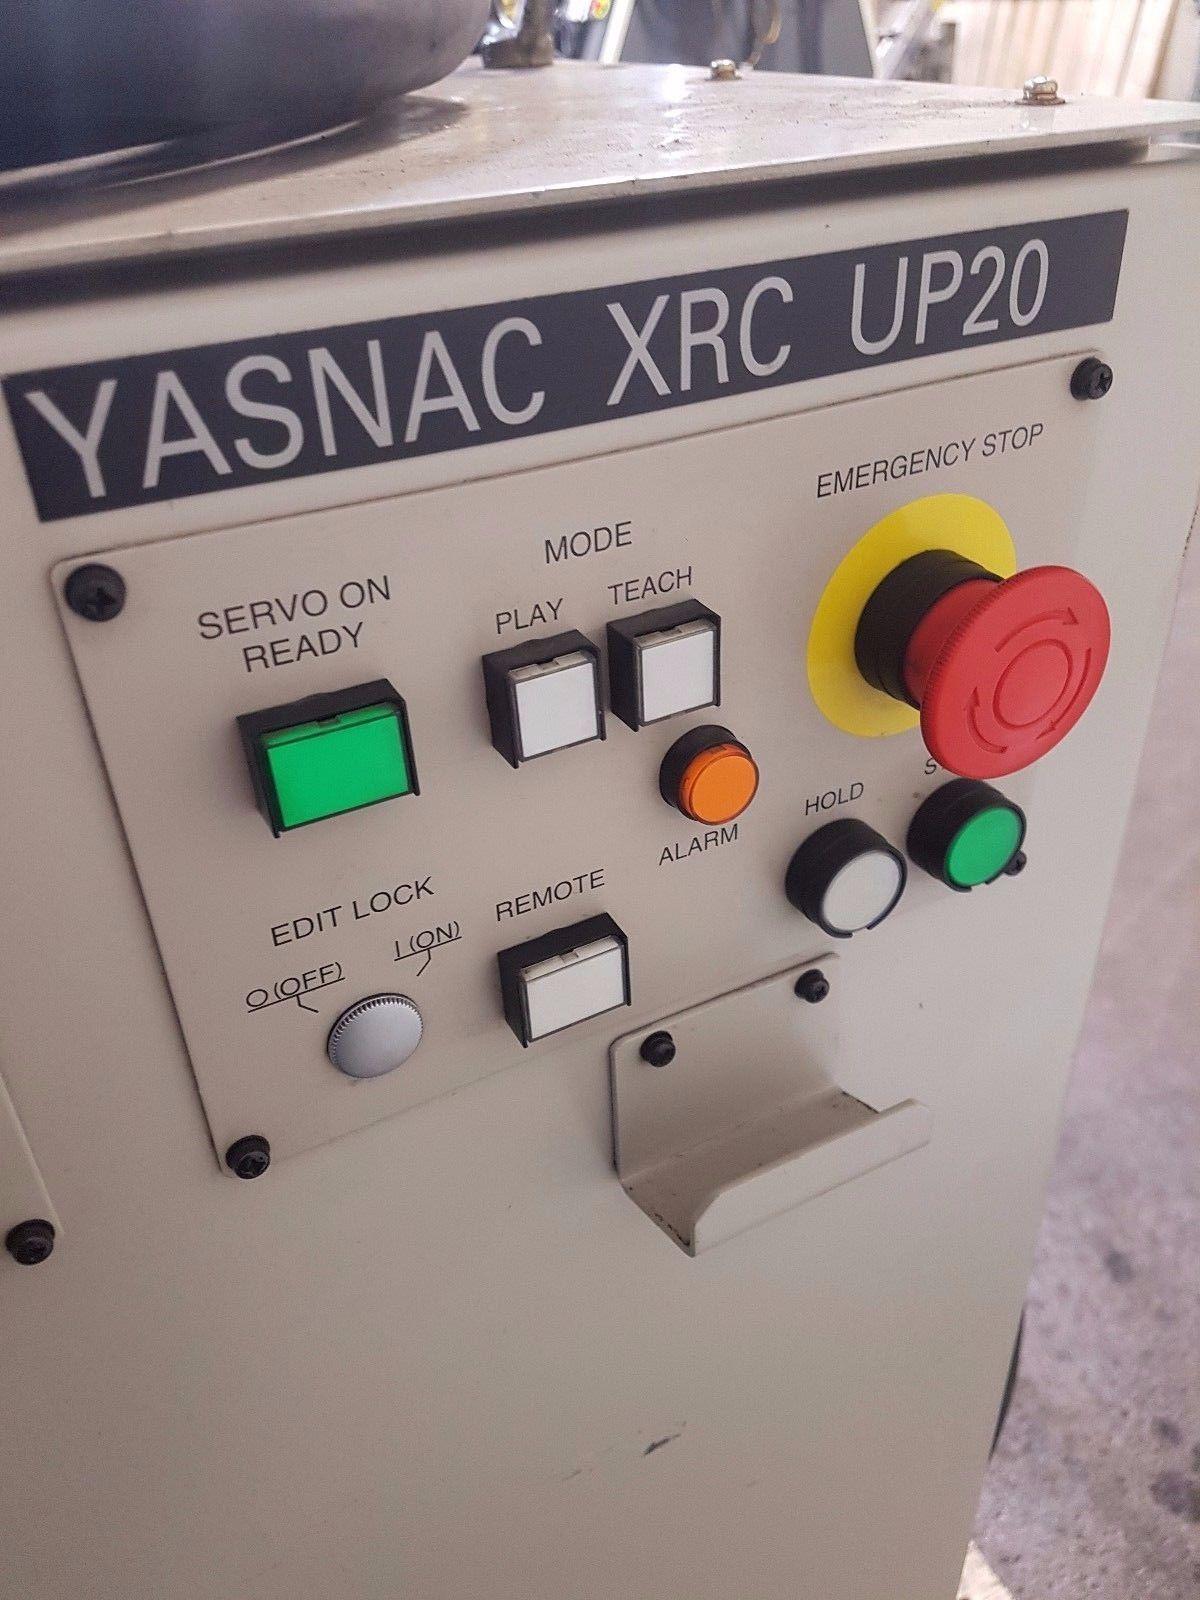 安川机器人控制柜XRC UP20.jpg